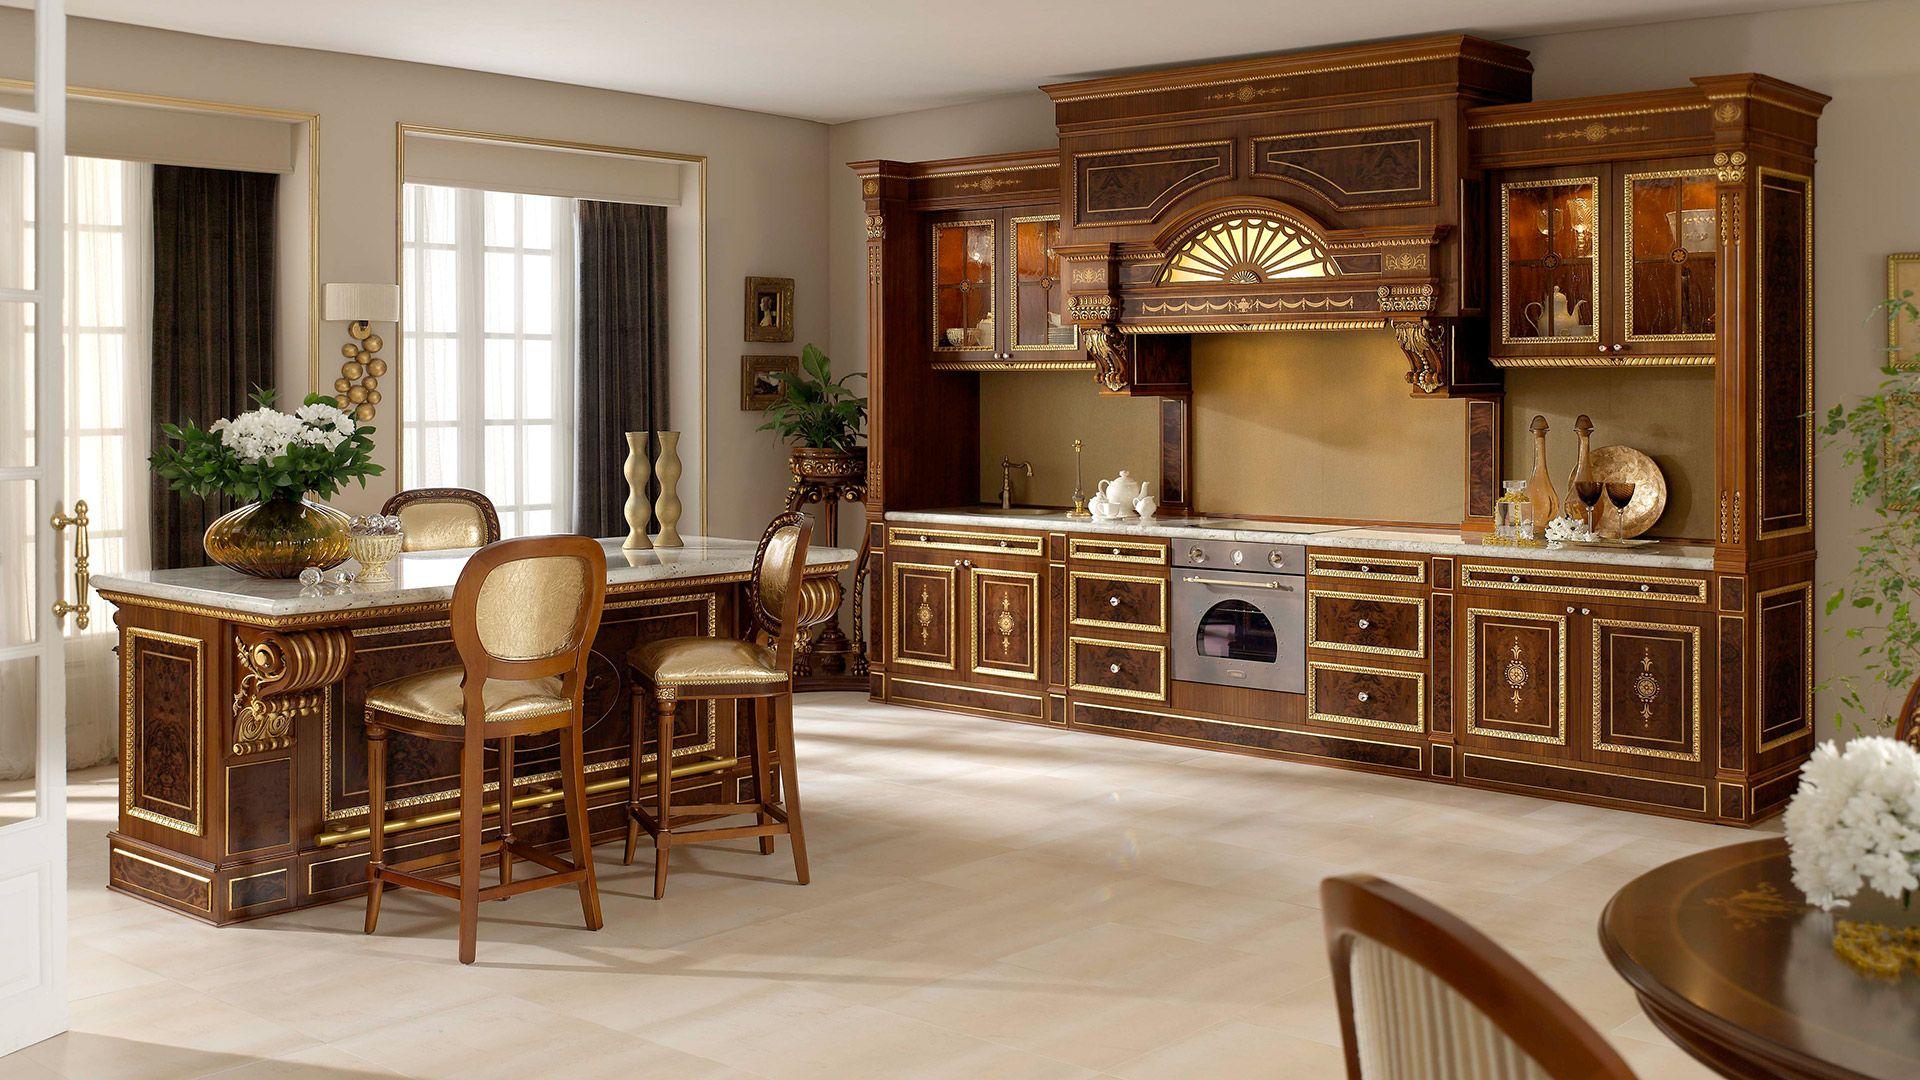 Cocina de lujo georgia muebles de lujo pic espacios for Muebles cocina clasicos